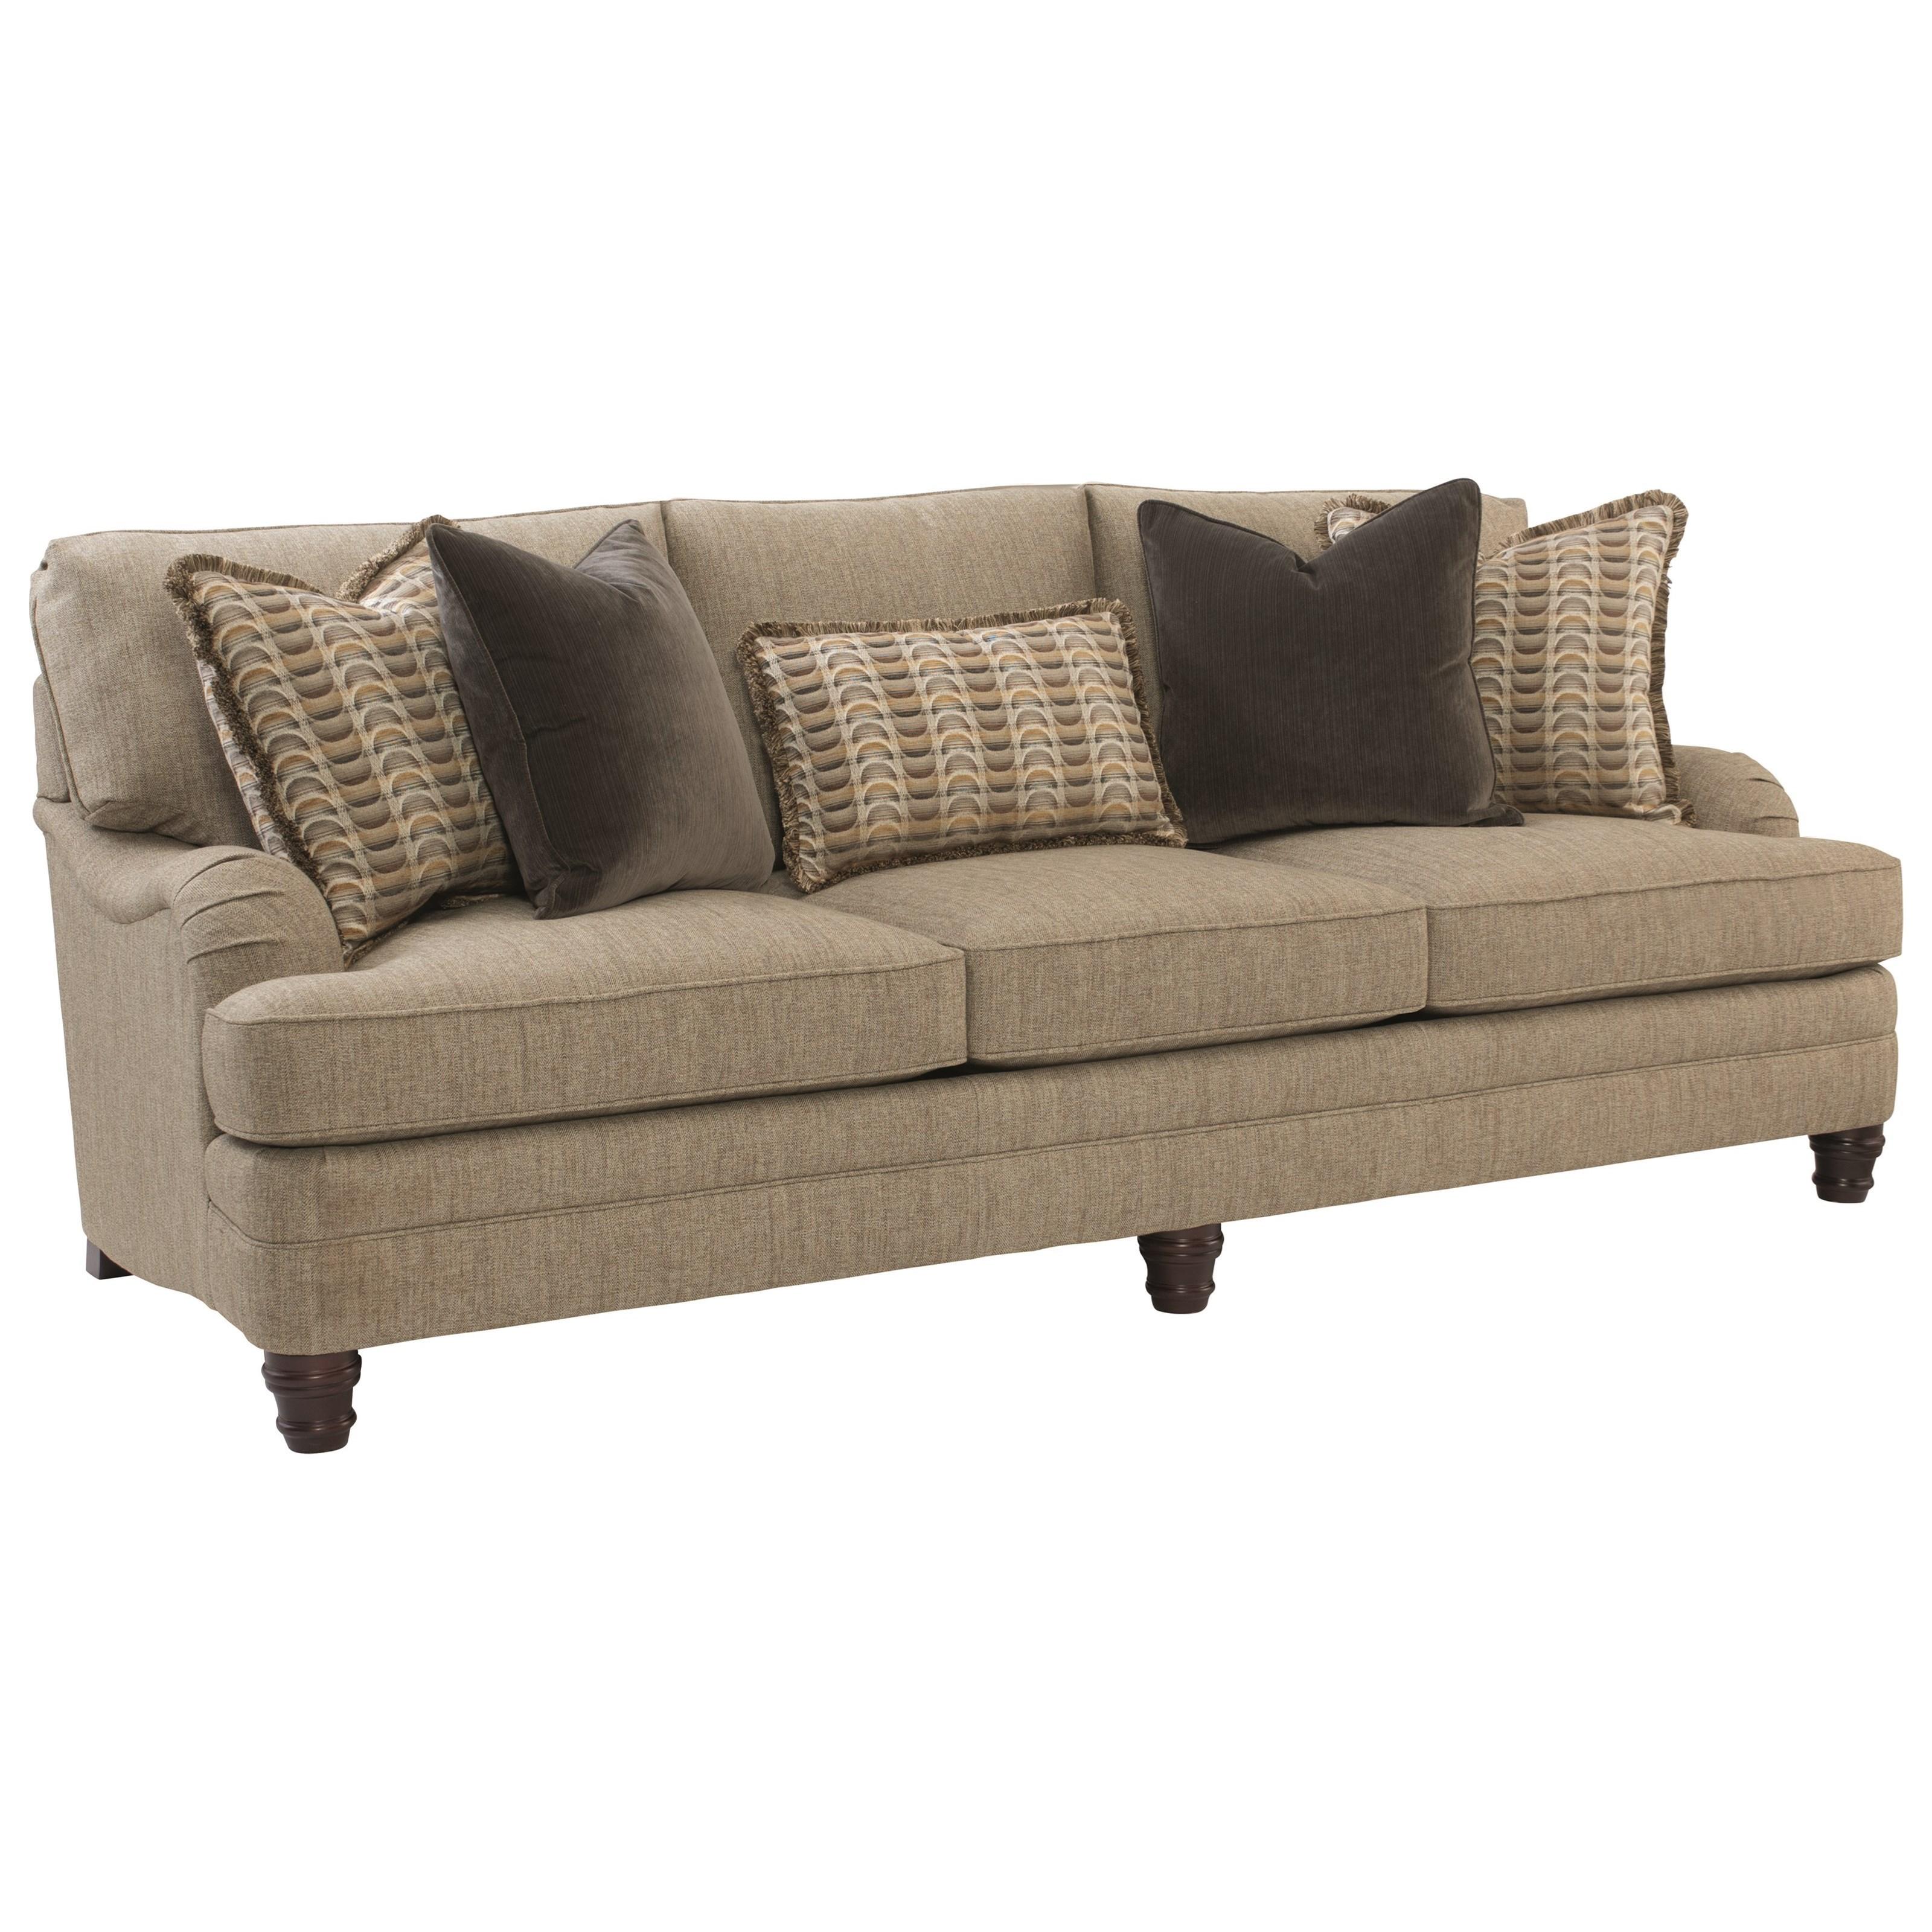 Tarleton Sofa at Williams & Kay